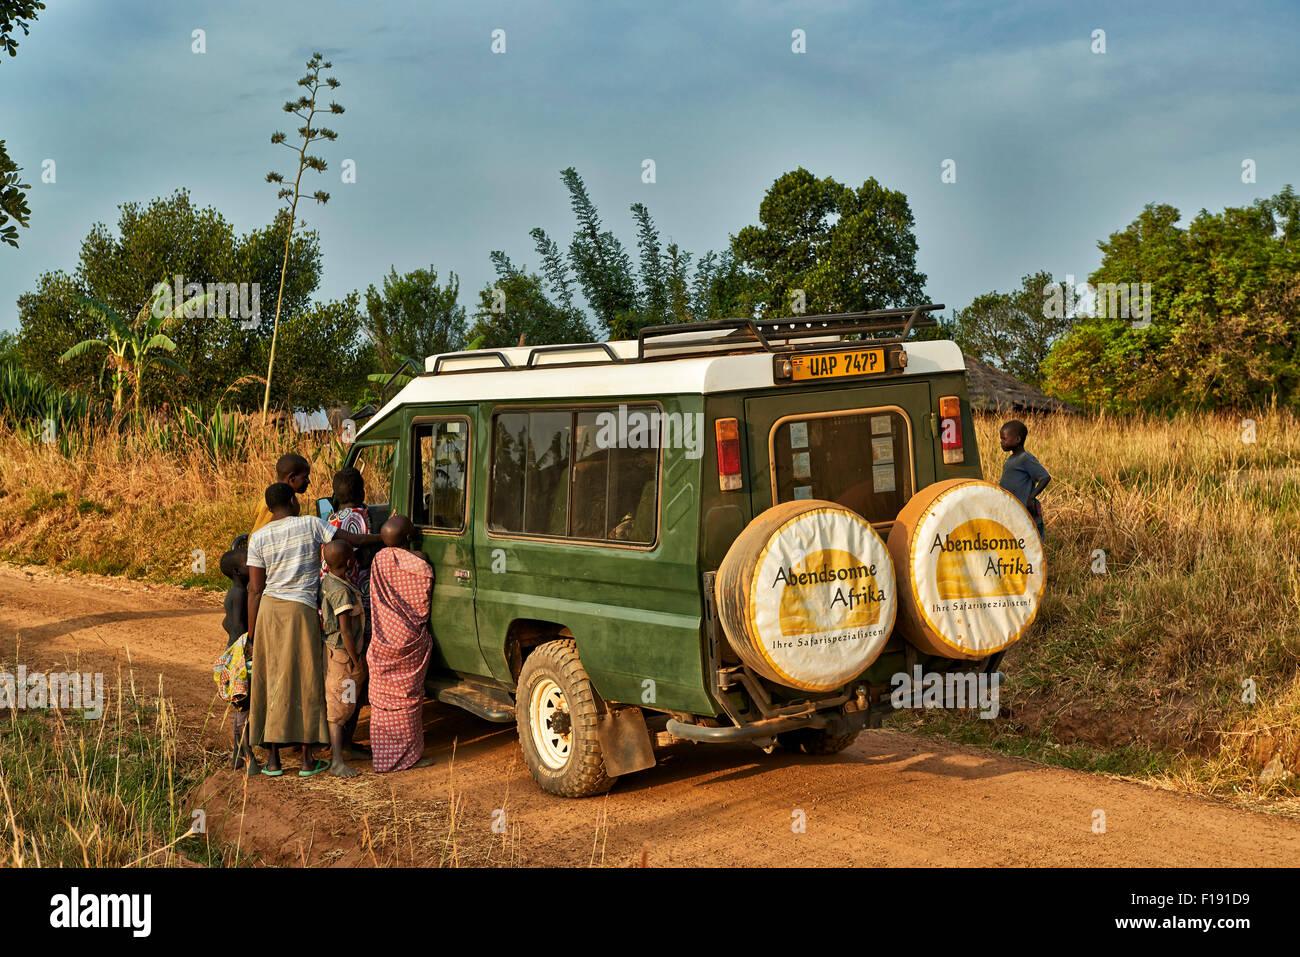 einheimischen ca. 4 x 4 im Dorf von Uganda, Afrika Stockbild